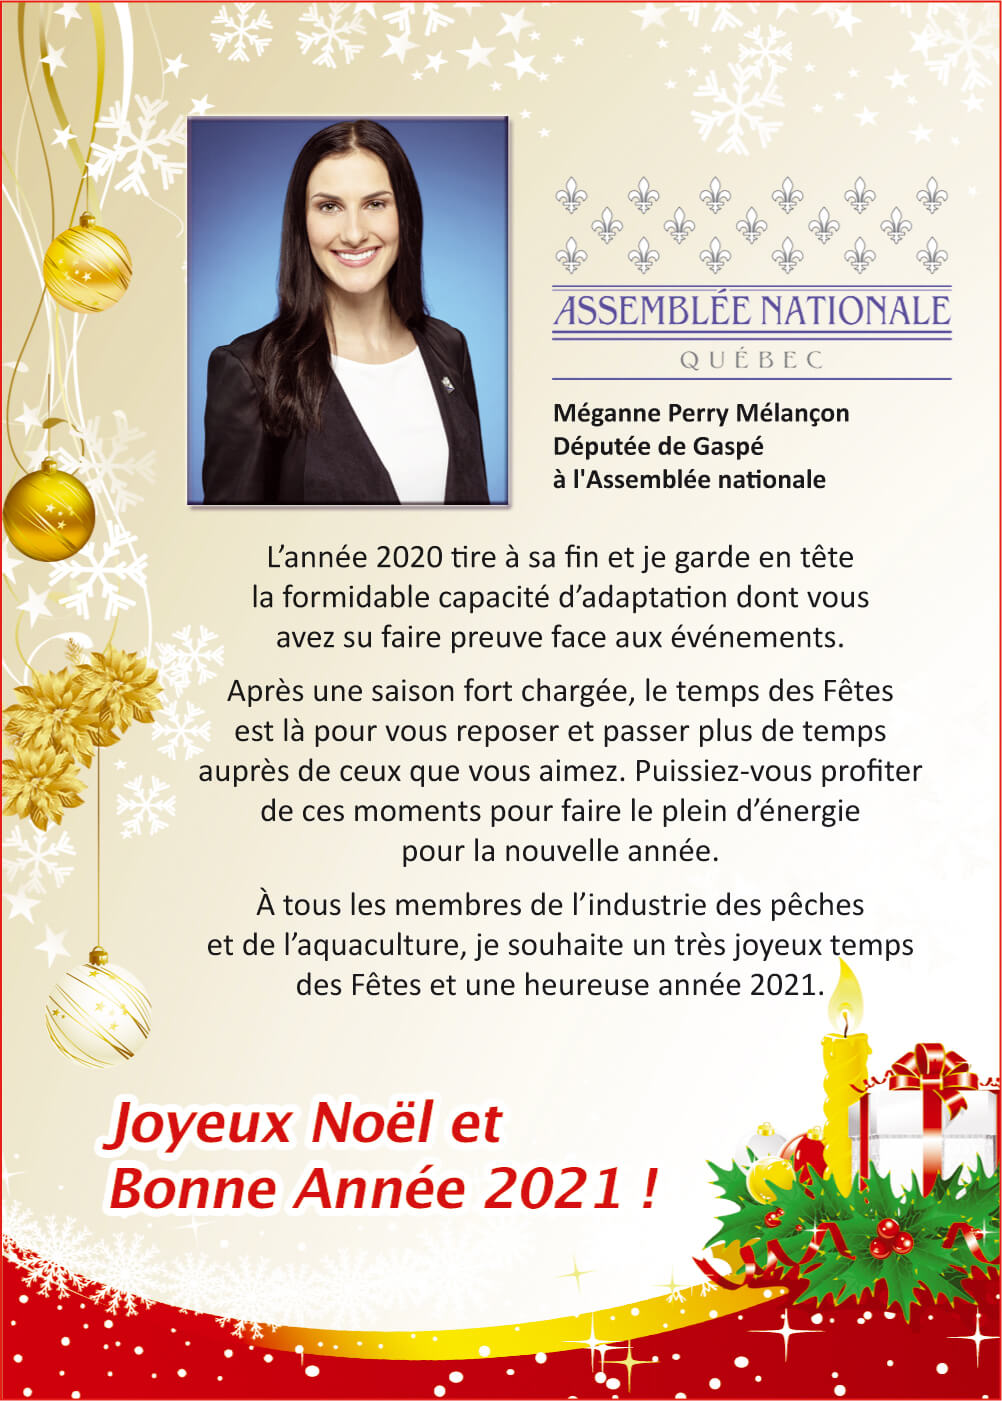 Méganne Perry Mélançon, députée de Gaspé